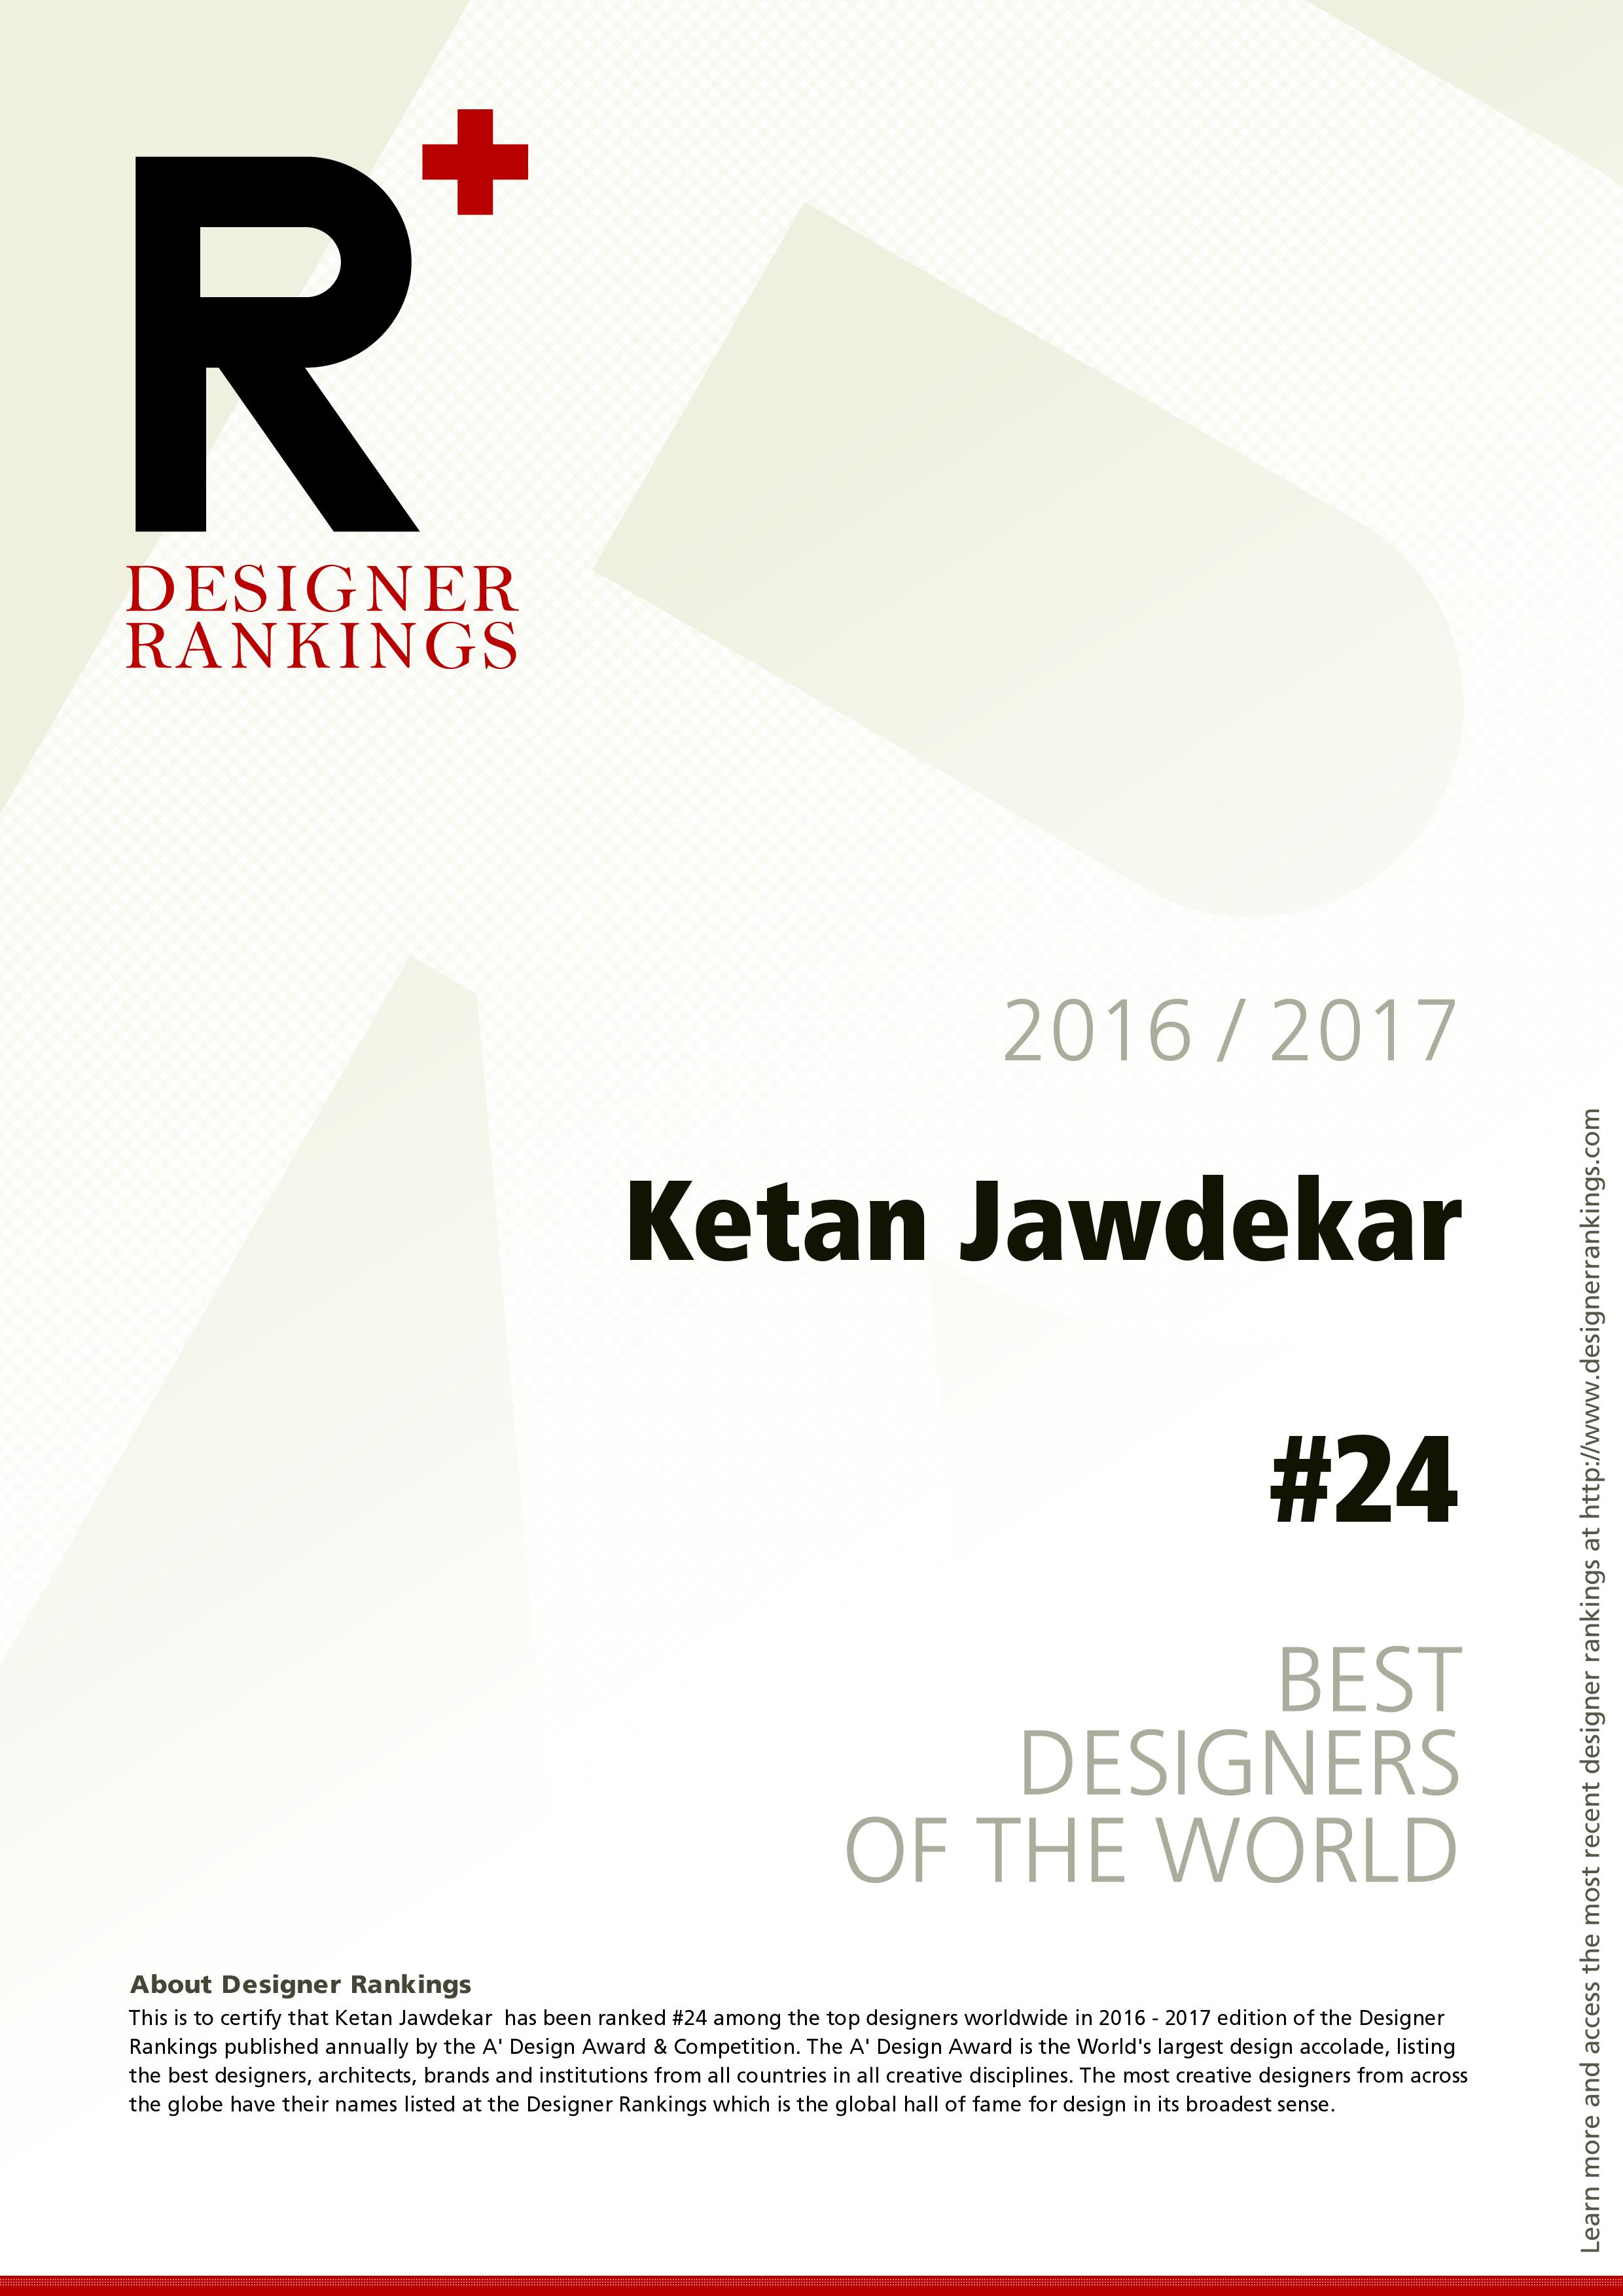 102468-certificate-designerranking